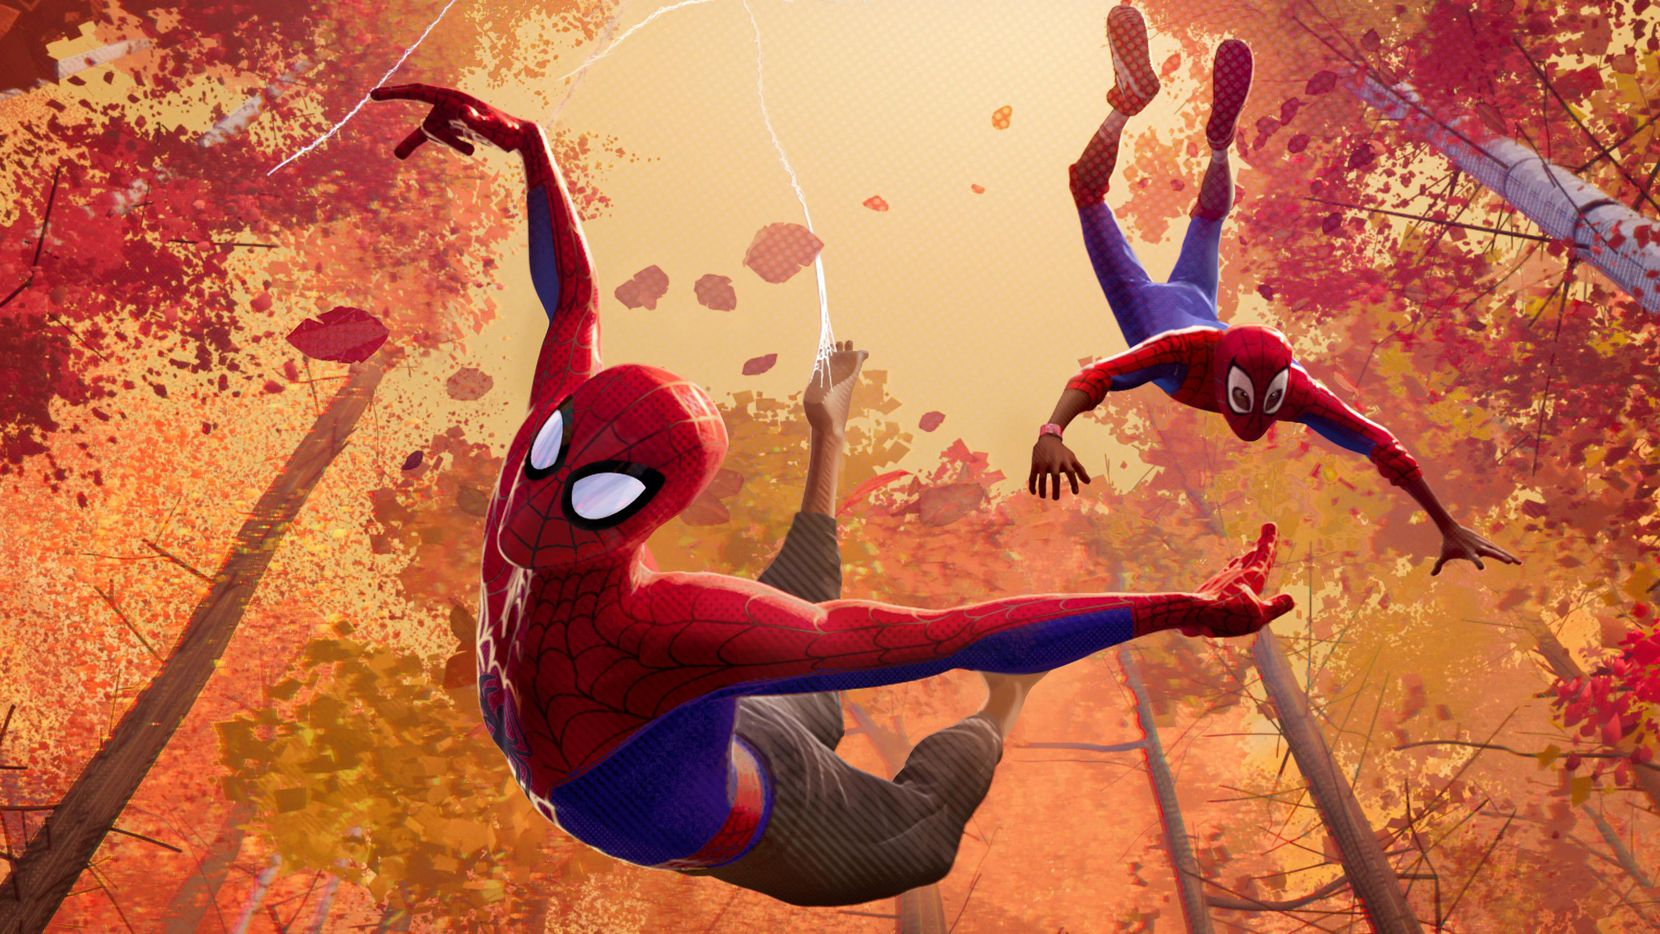 """""""Spider-Man: Into the Spider-Verse"""", un nuevo filme sobre el Hombre Araña en versión animanda, se estrenó este viernes.(COLUMBIA PICTURES)"""